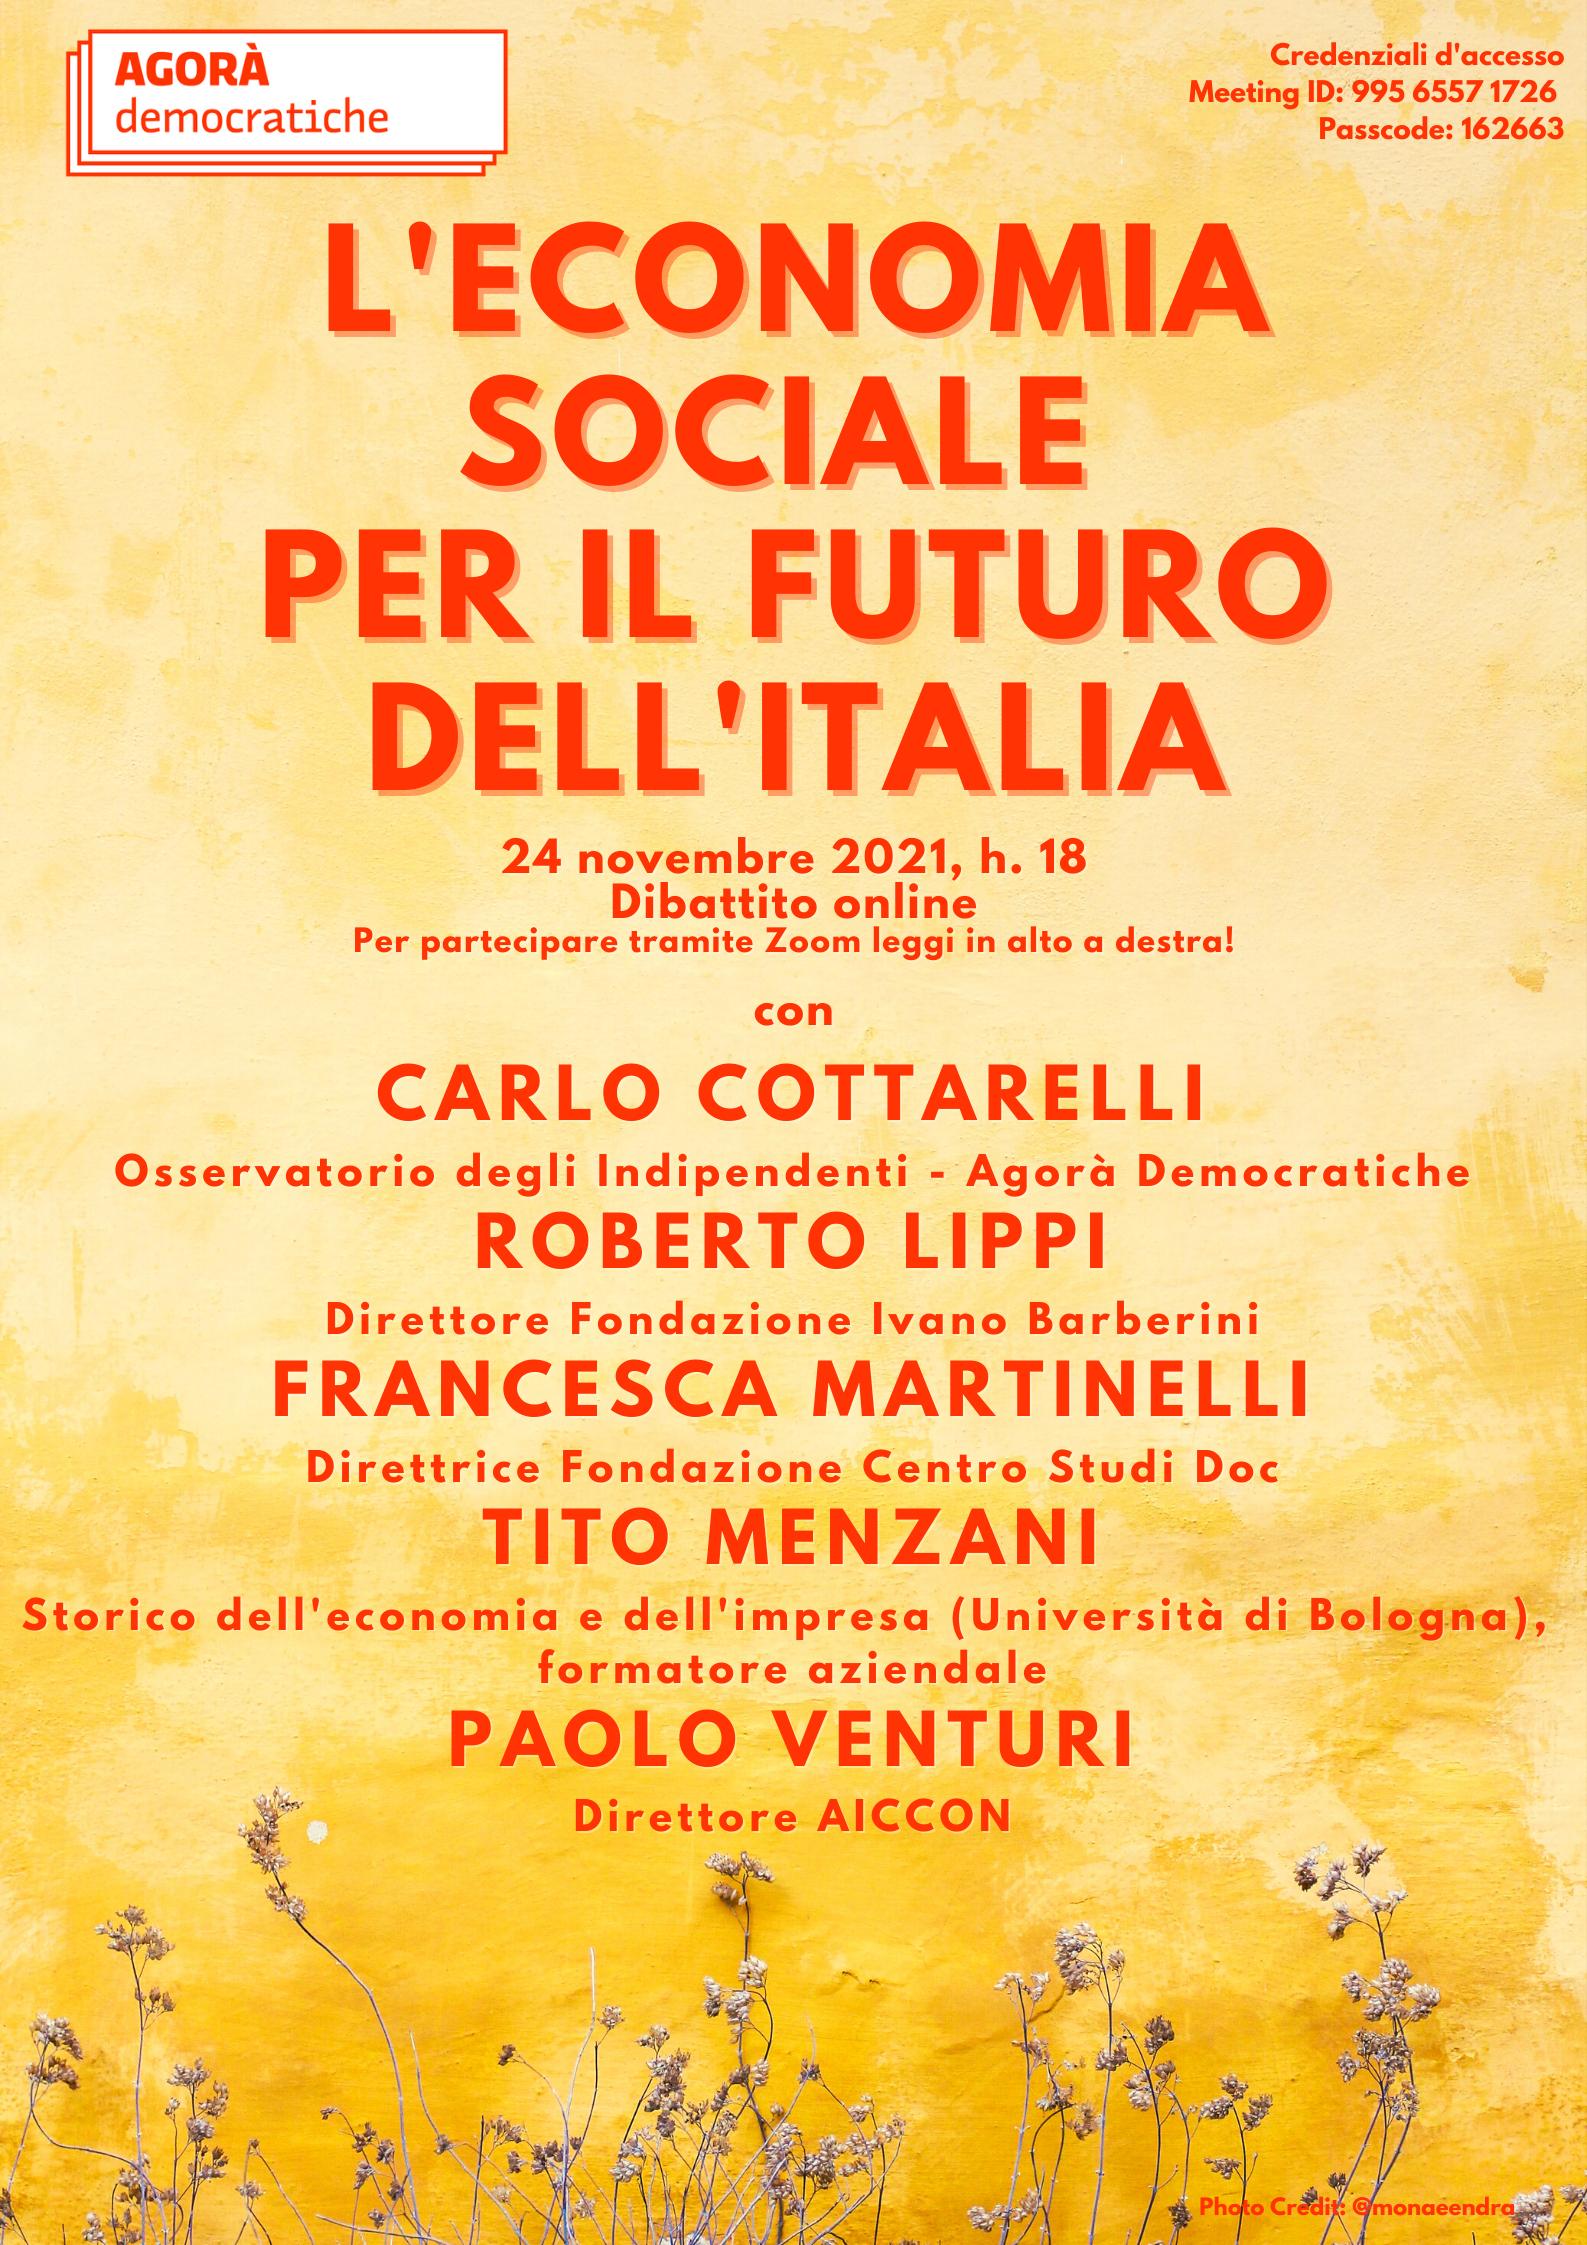 L'economia sociale per il futuro dell'Italia